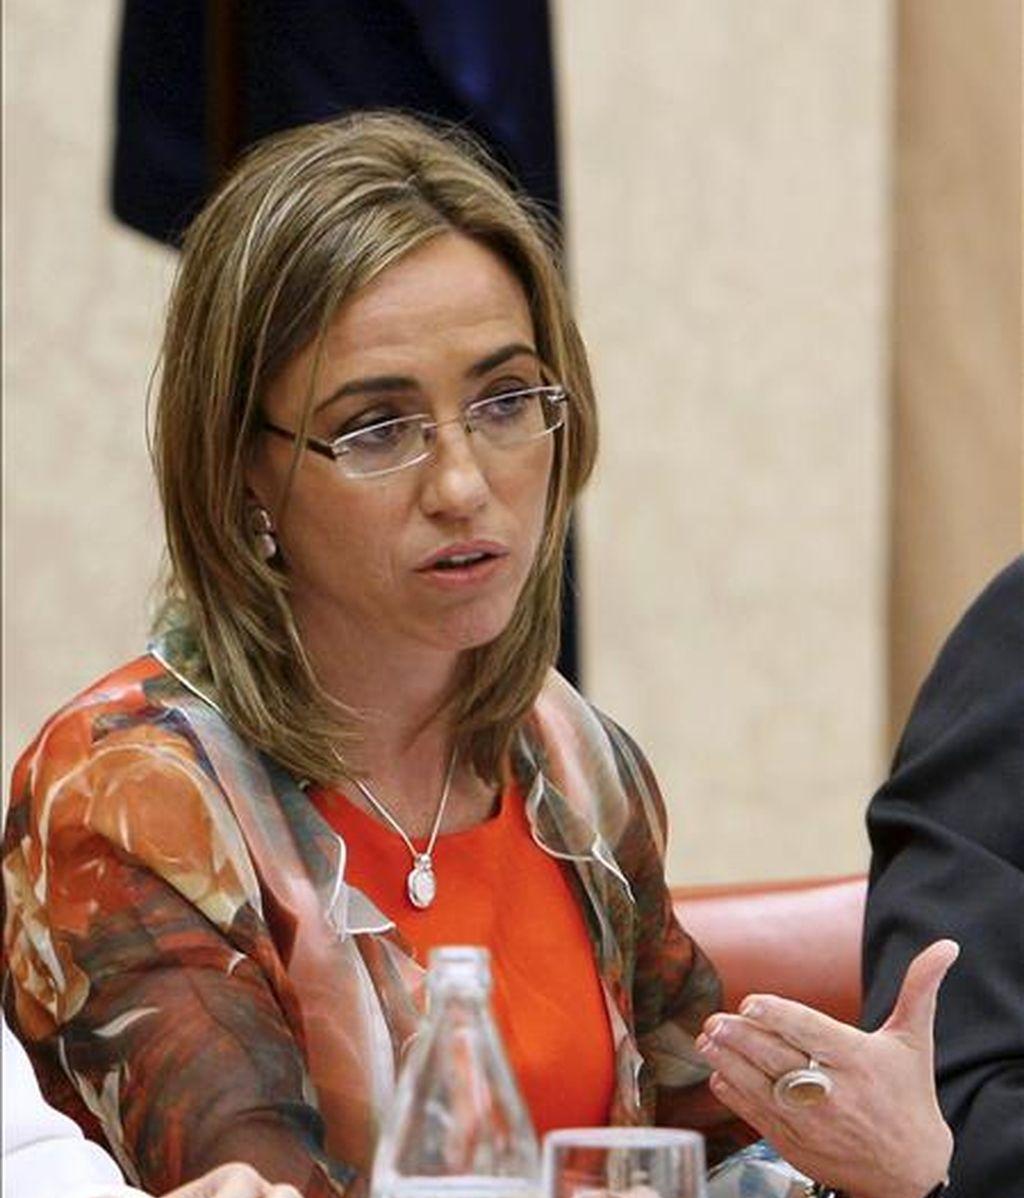 La ministra de Defensa Carme Chacón. EFE/Archivo